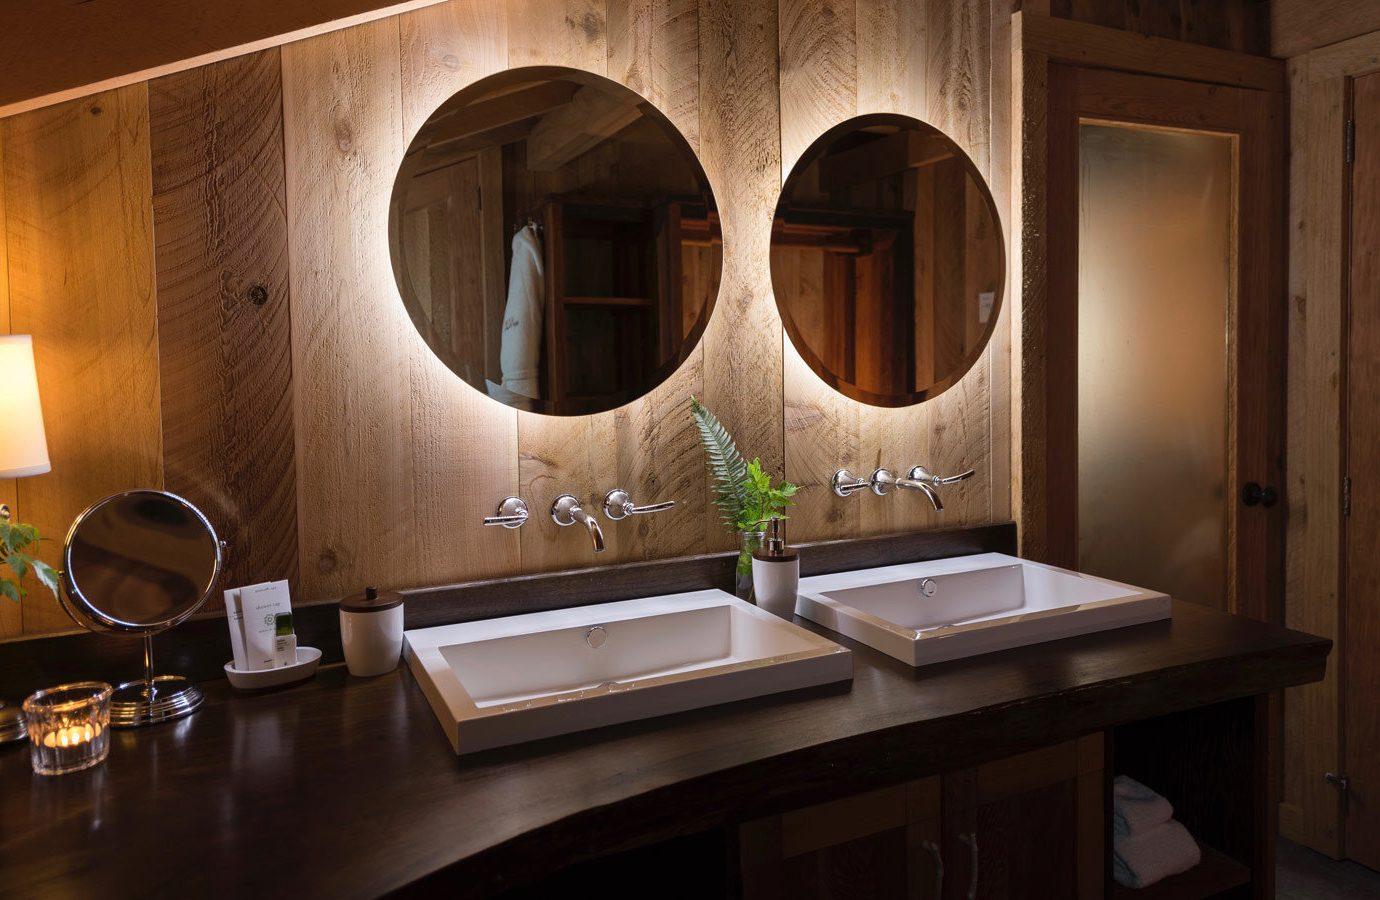 Glamping Outdoors + Adventure Weekend Getaways wall indoor room interior design bathroom home countertop Suite ceiling interior designer window